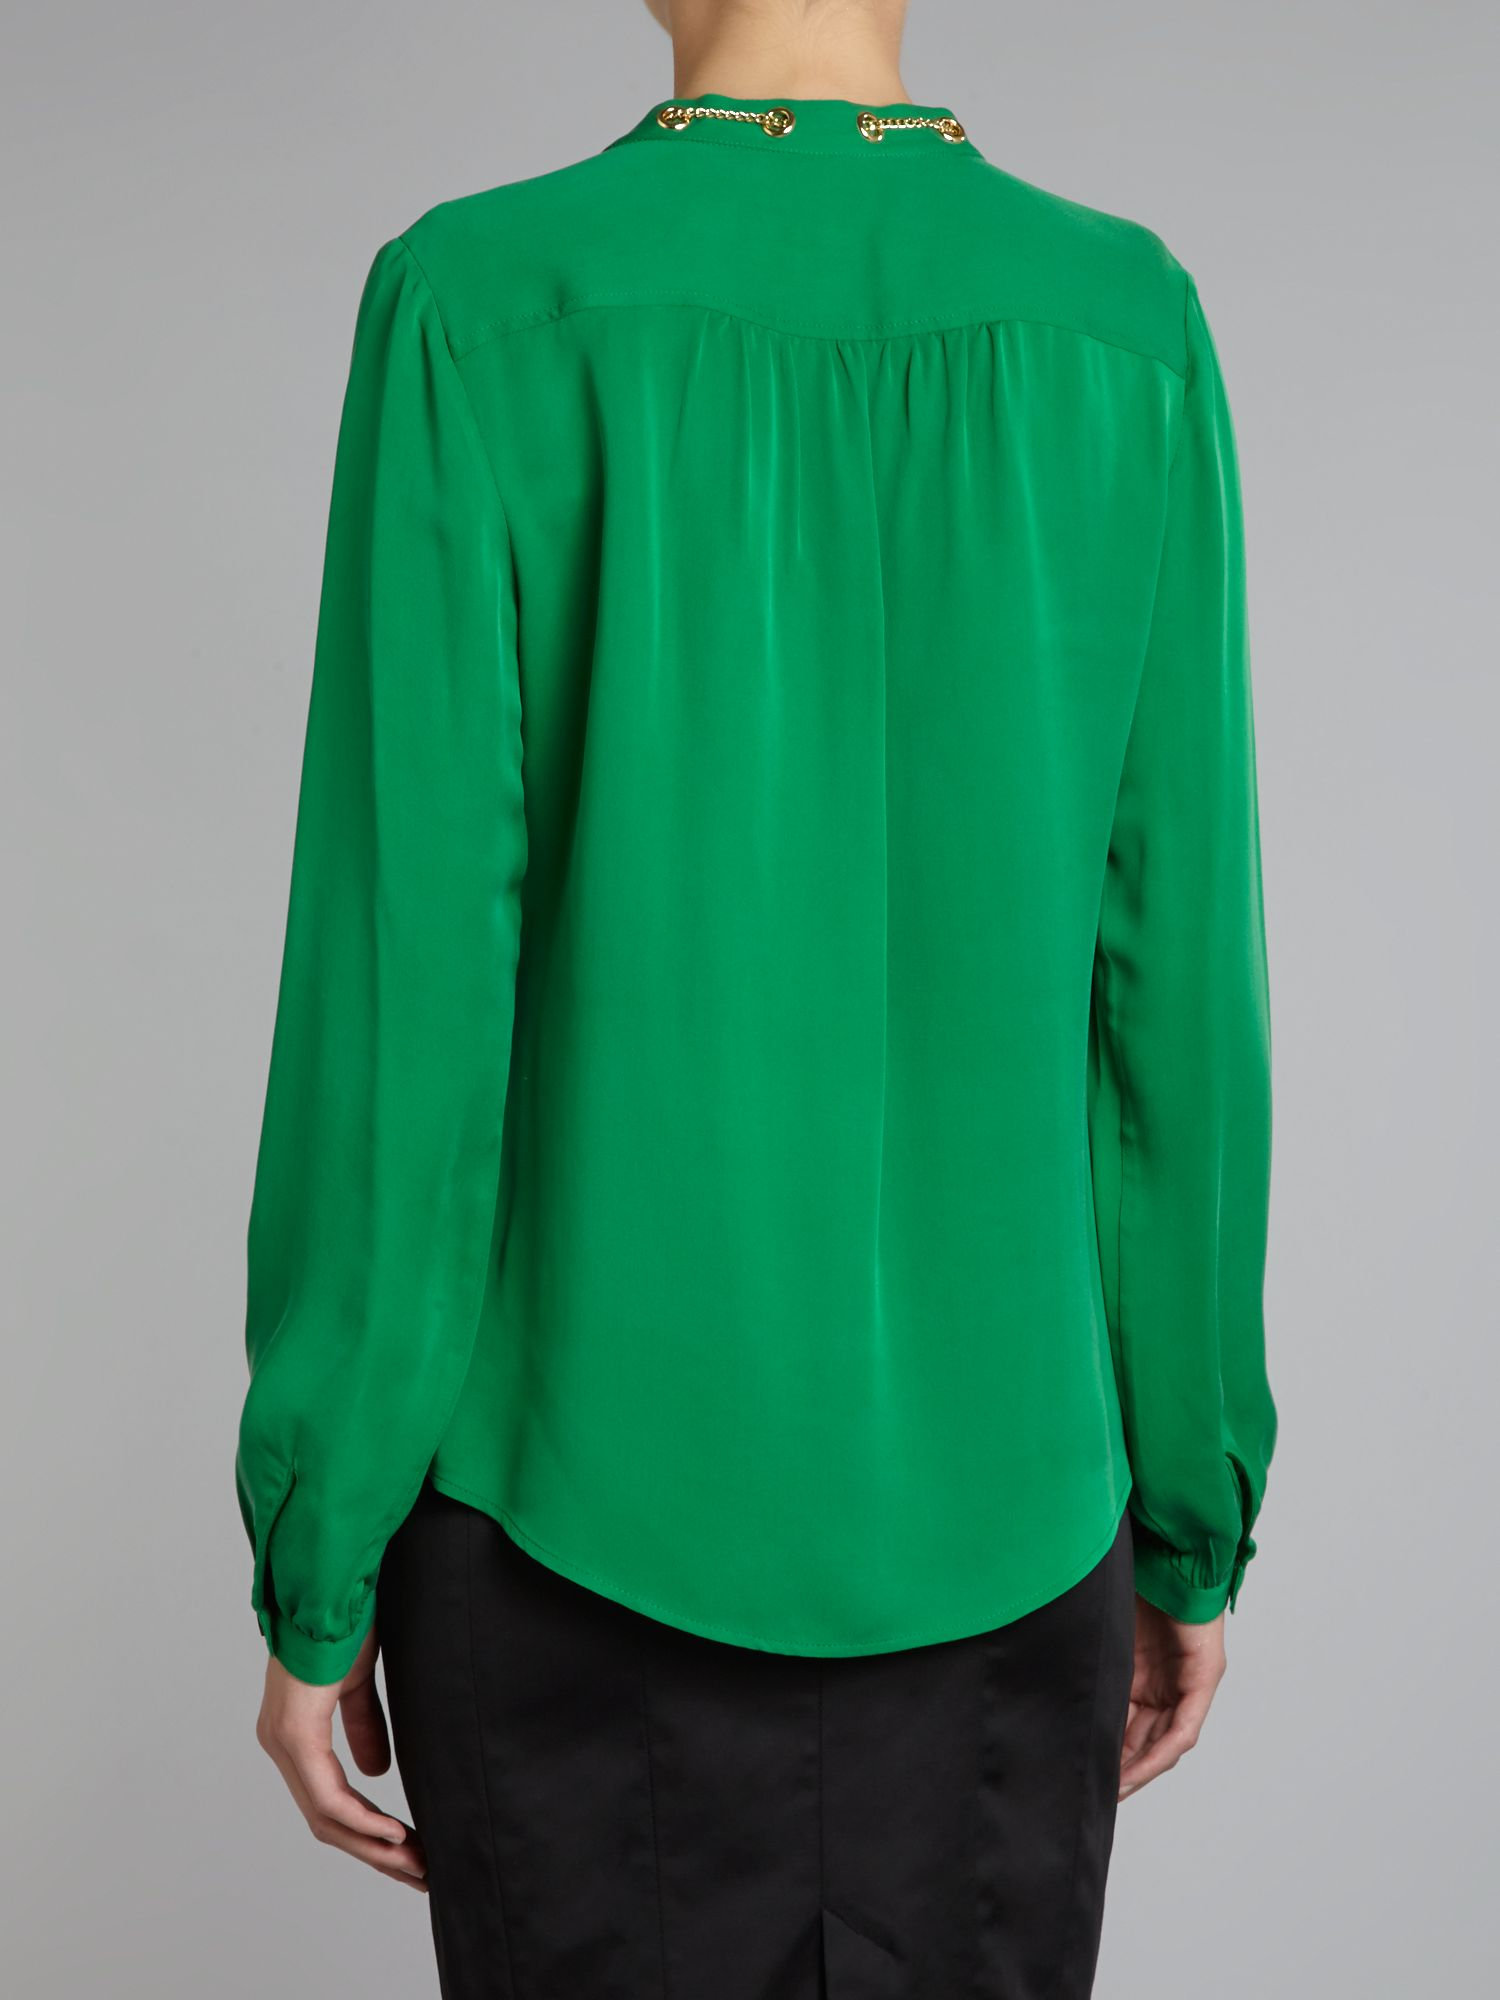 Silk Tee Shirt Womens